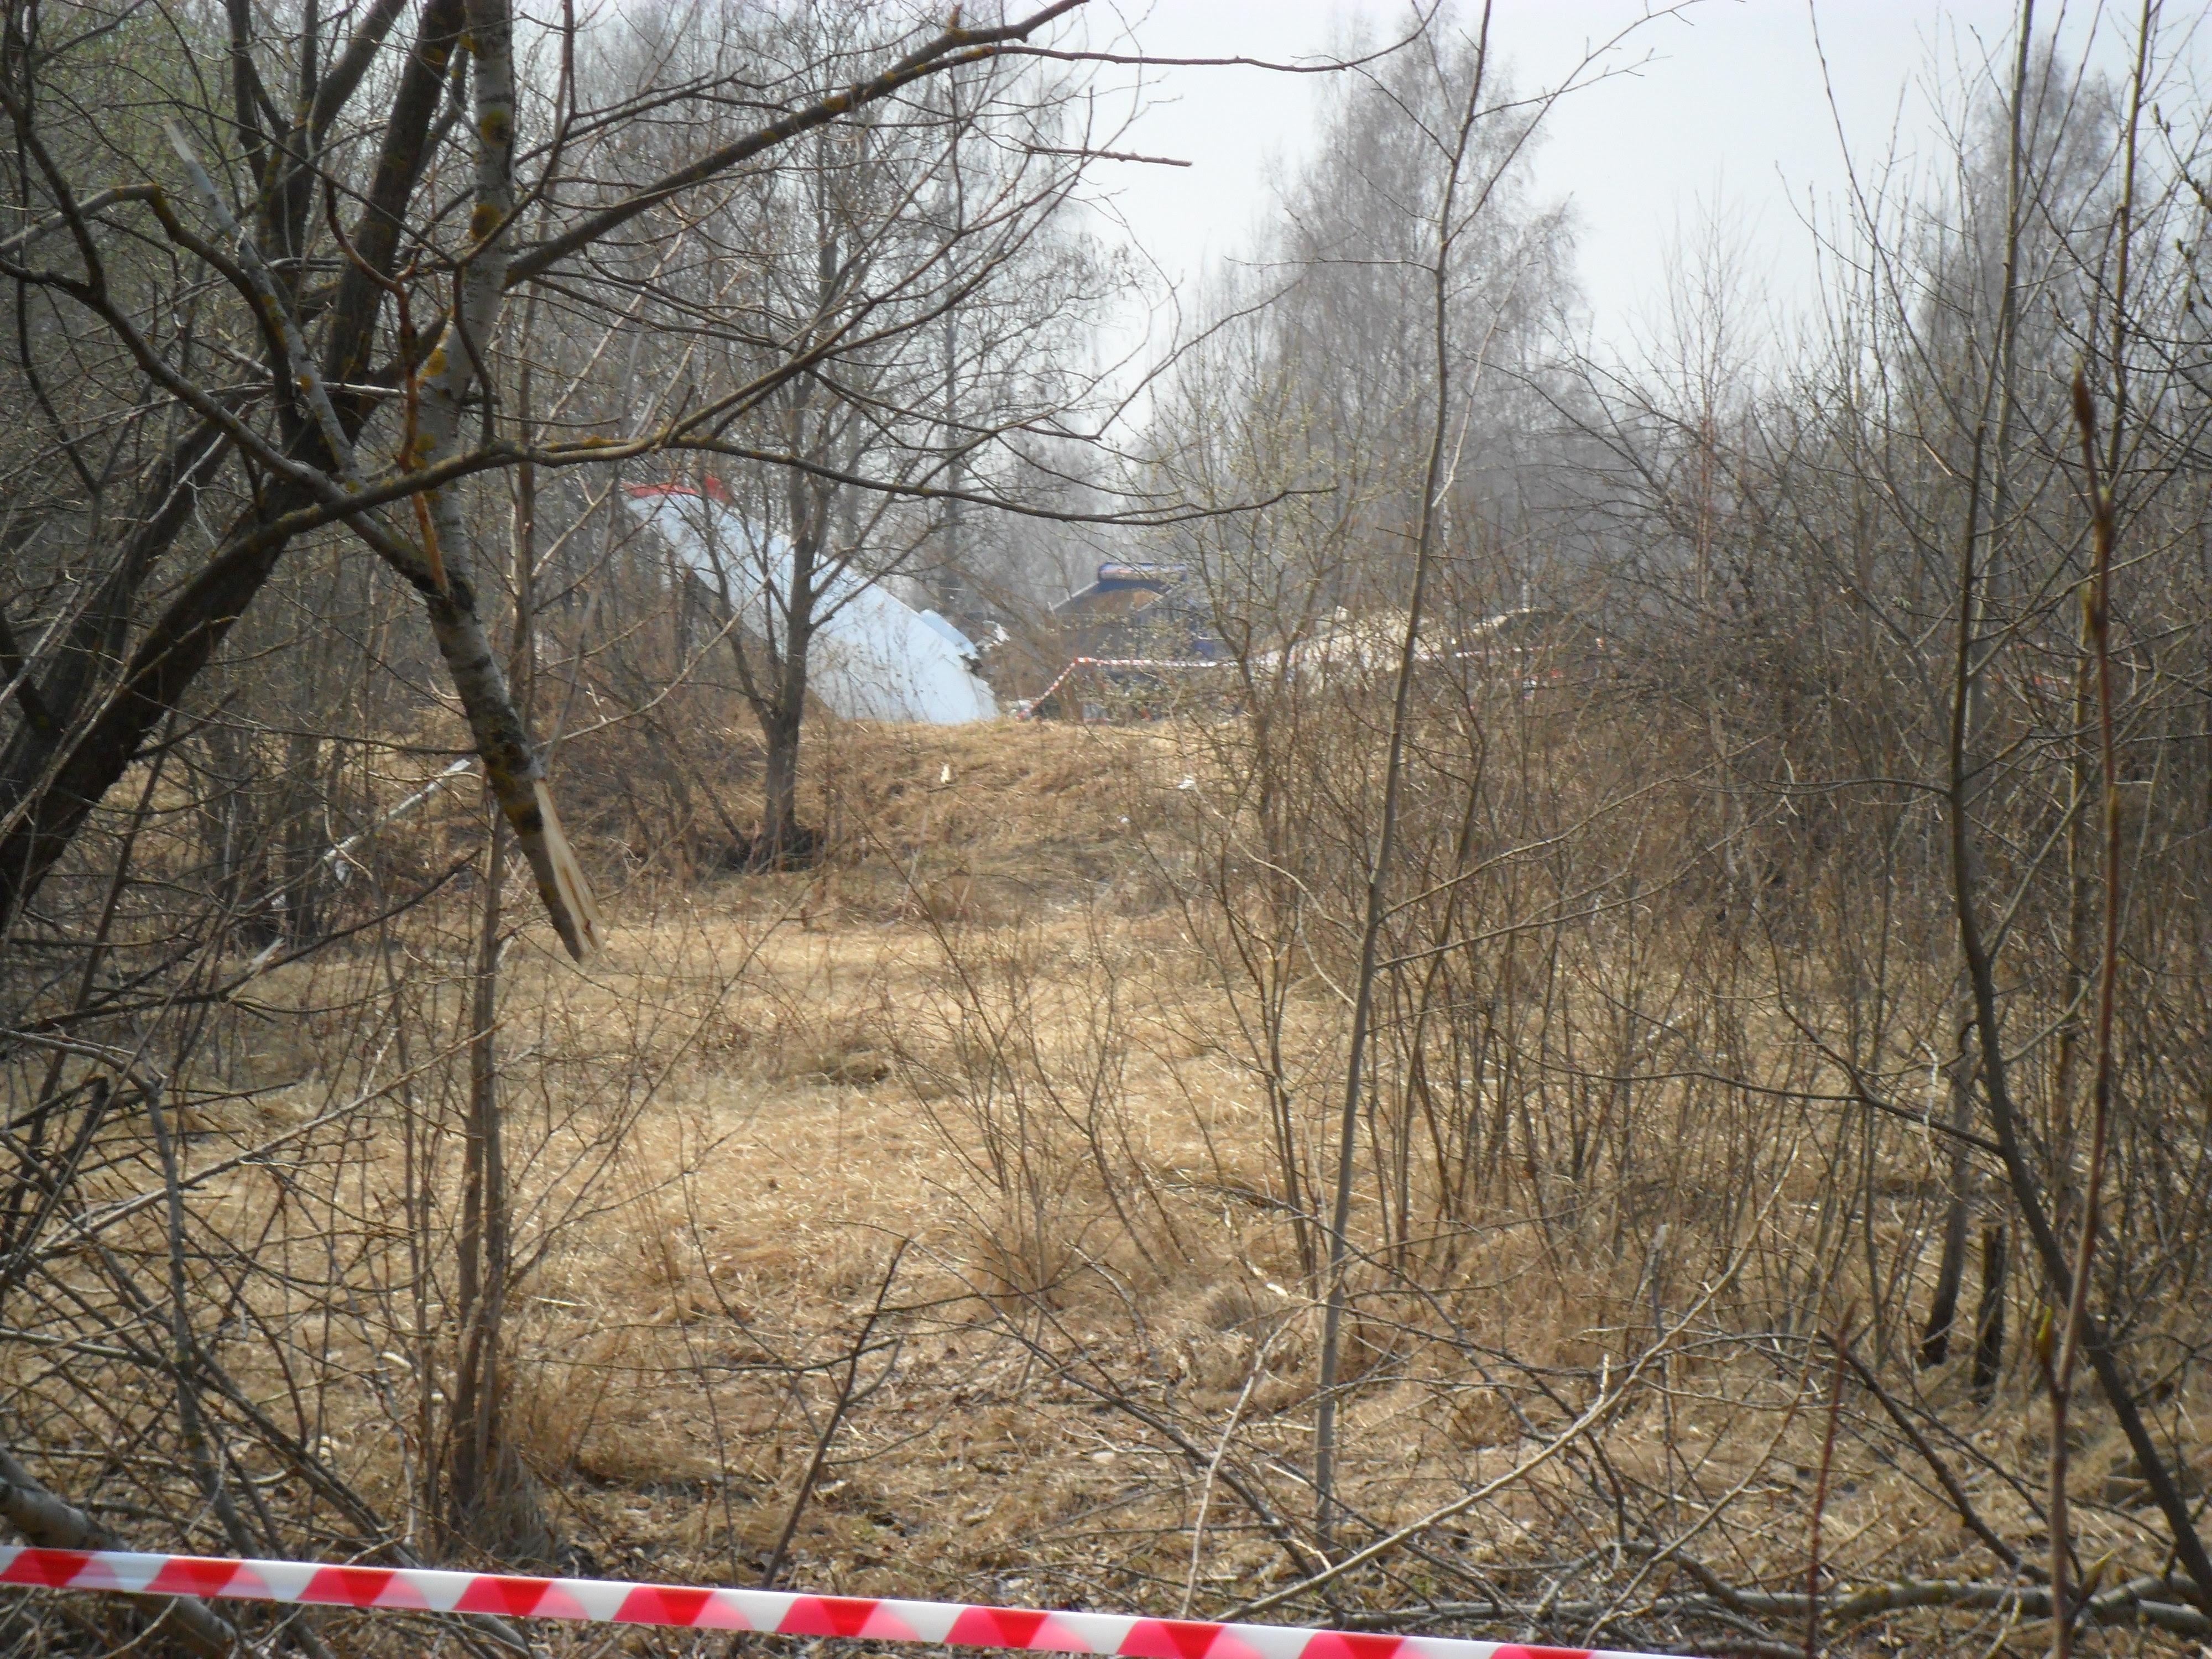 2010 Polish Air Force Tu-154 crash site